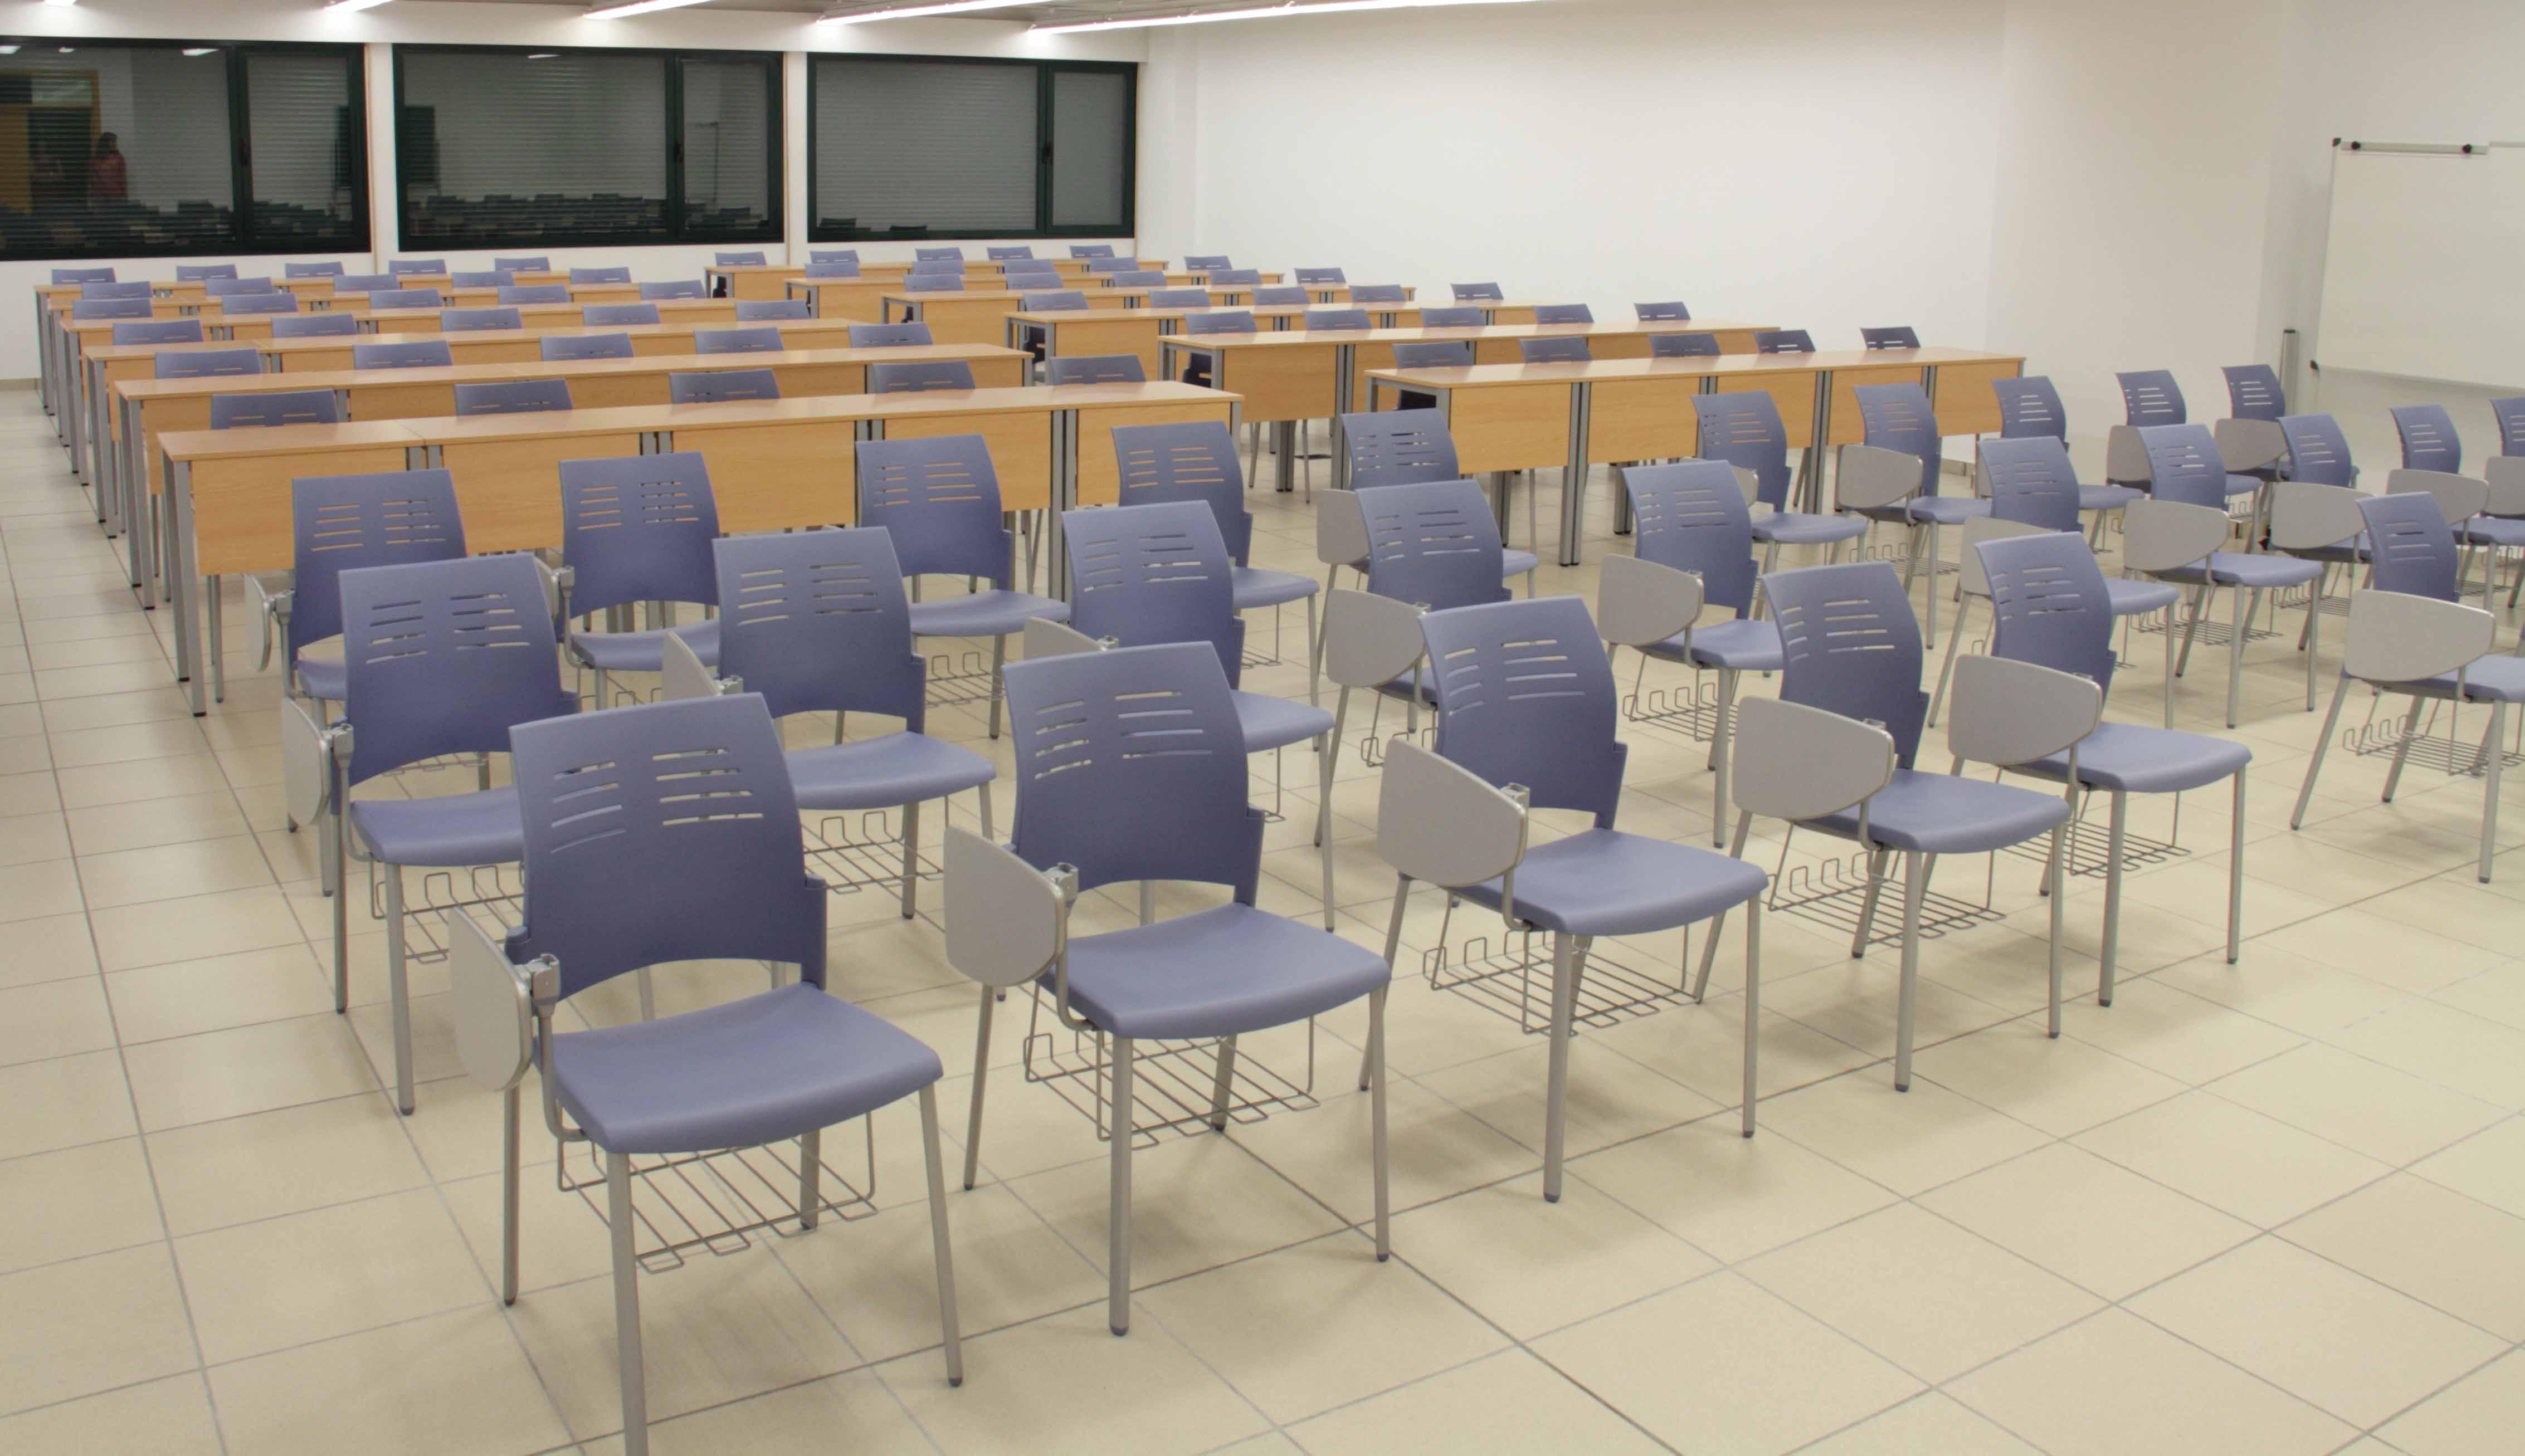 Equipamiento escolar UVA sillas Spacio alta | Muebles de oficina Spacio